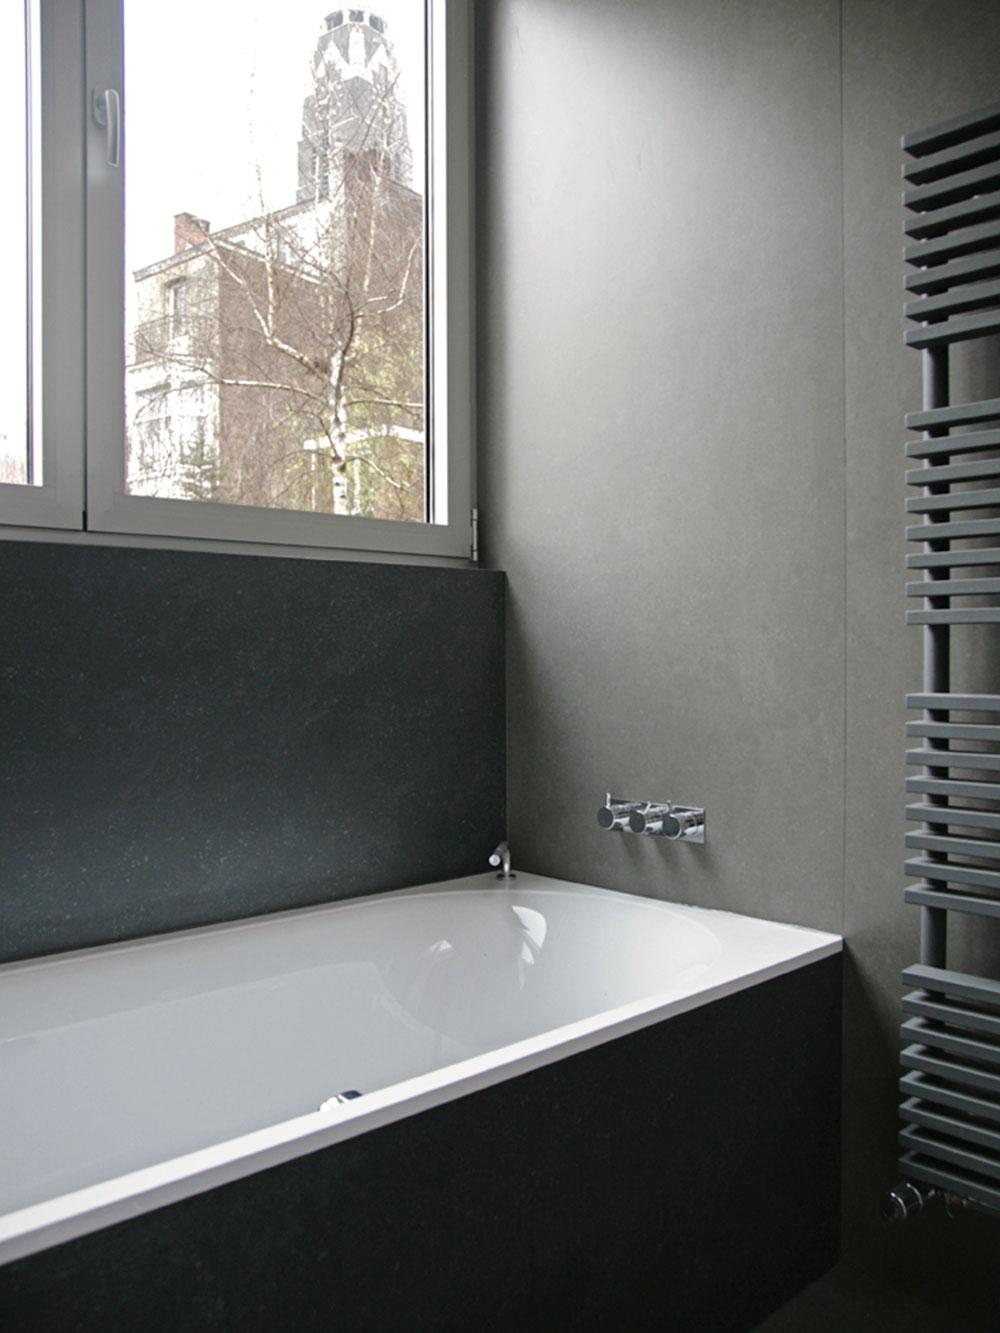 Detailbeeld van de badkamer.